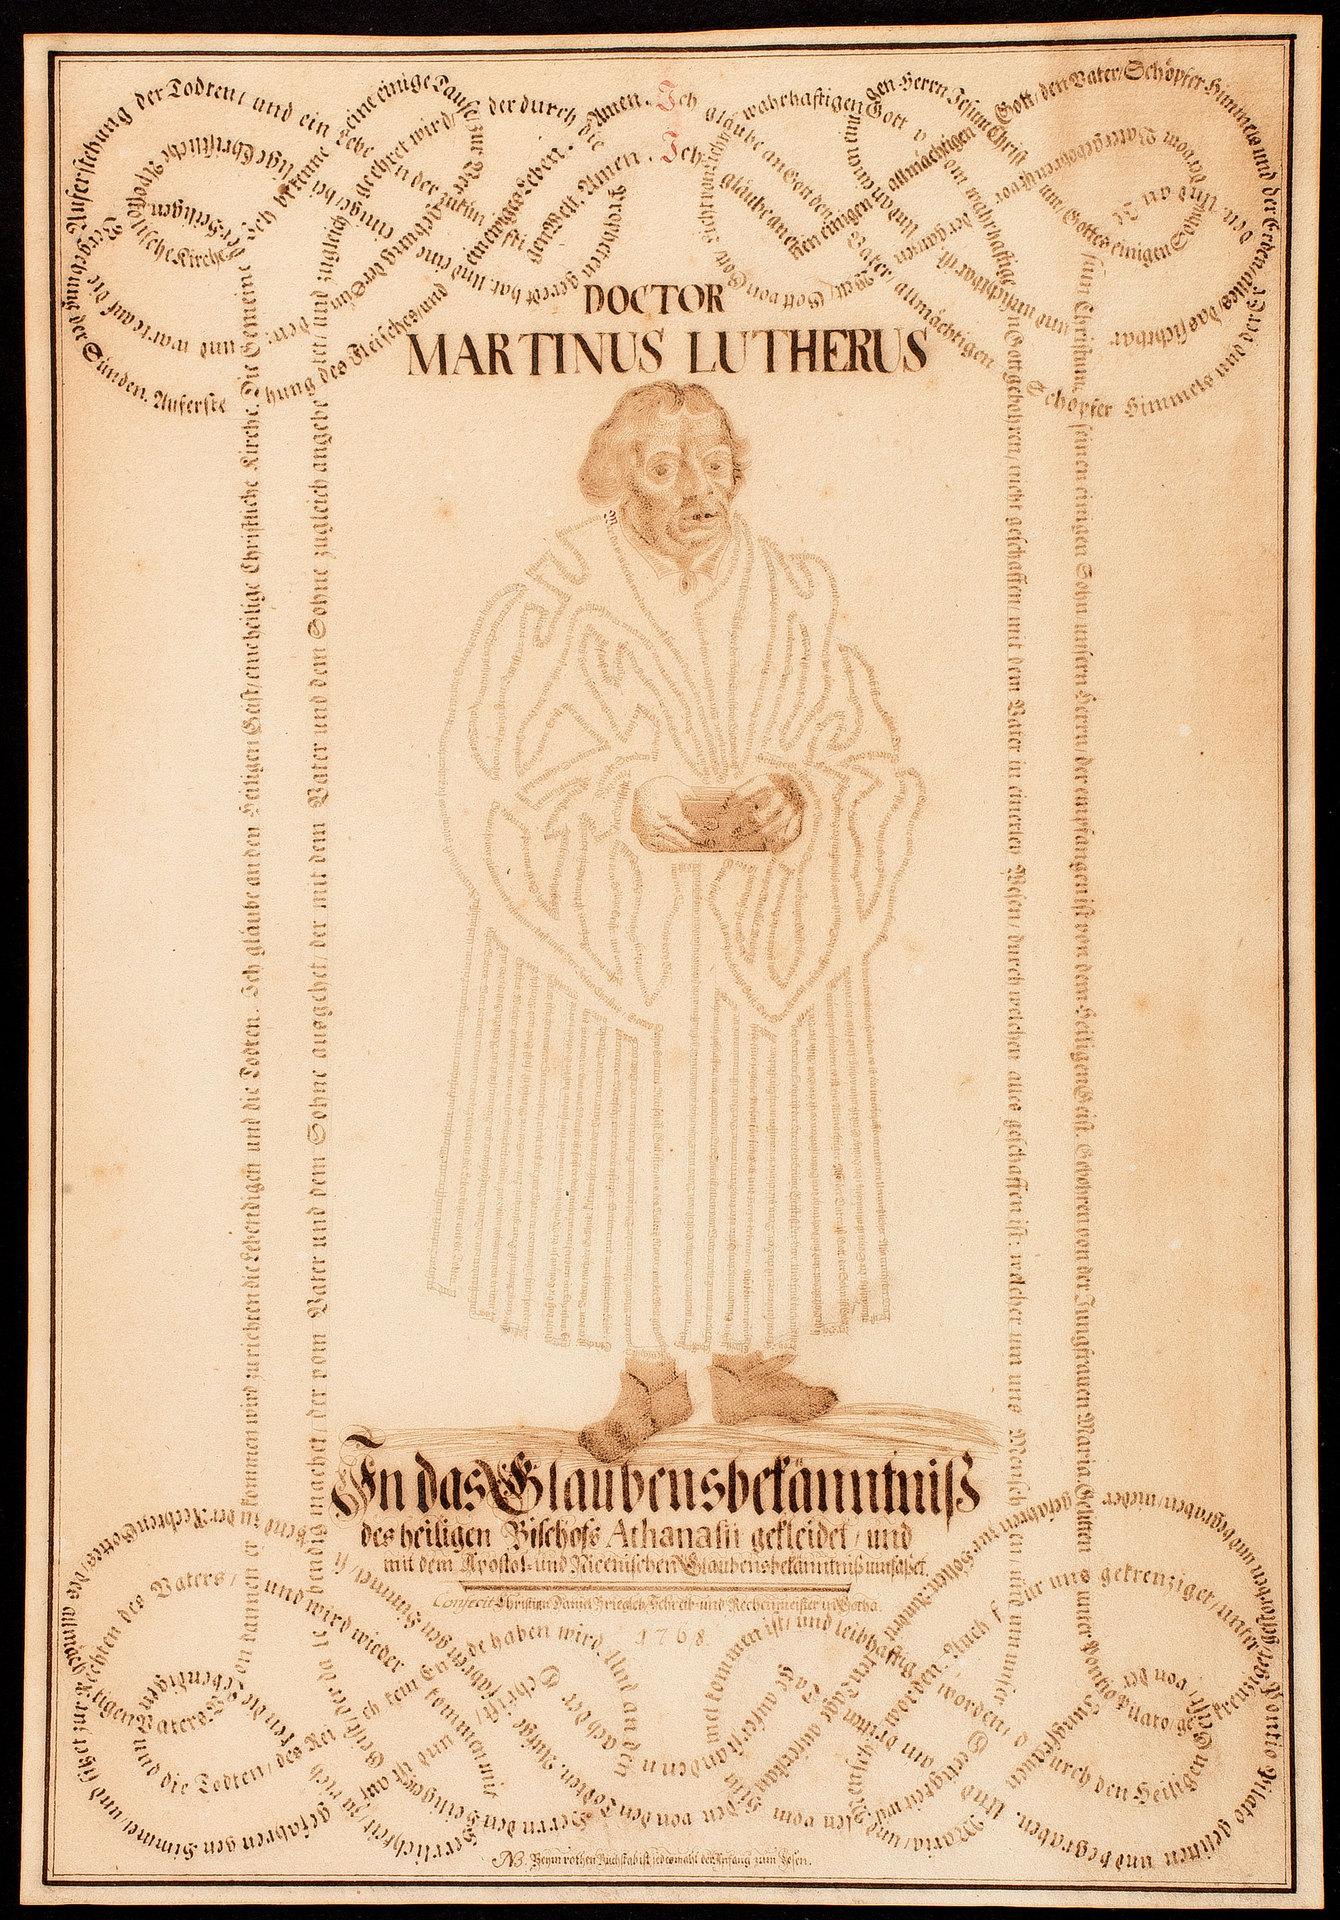 Doctor Martinus Lutherus in das Glaubensbekenntnis des heiligen Bischofs Athanasii gekleidet